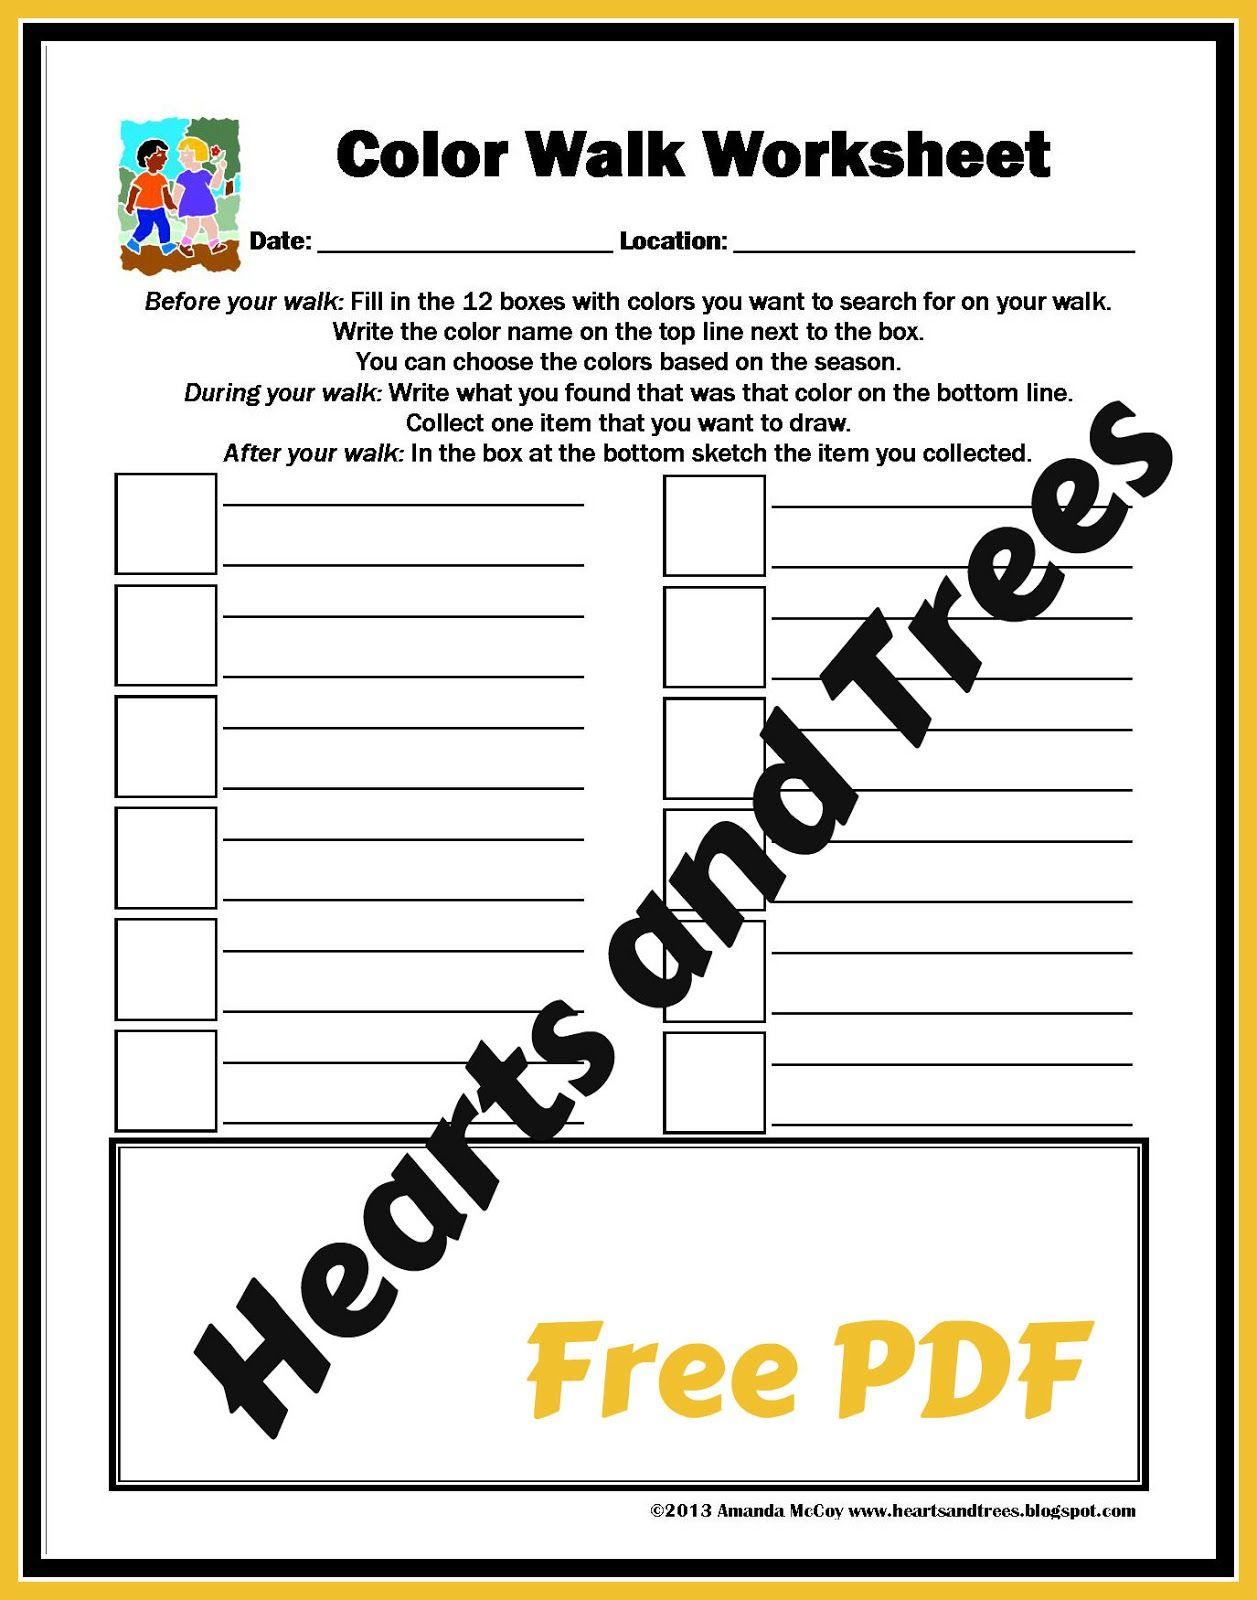 Free Printable Color Walk Worksheet